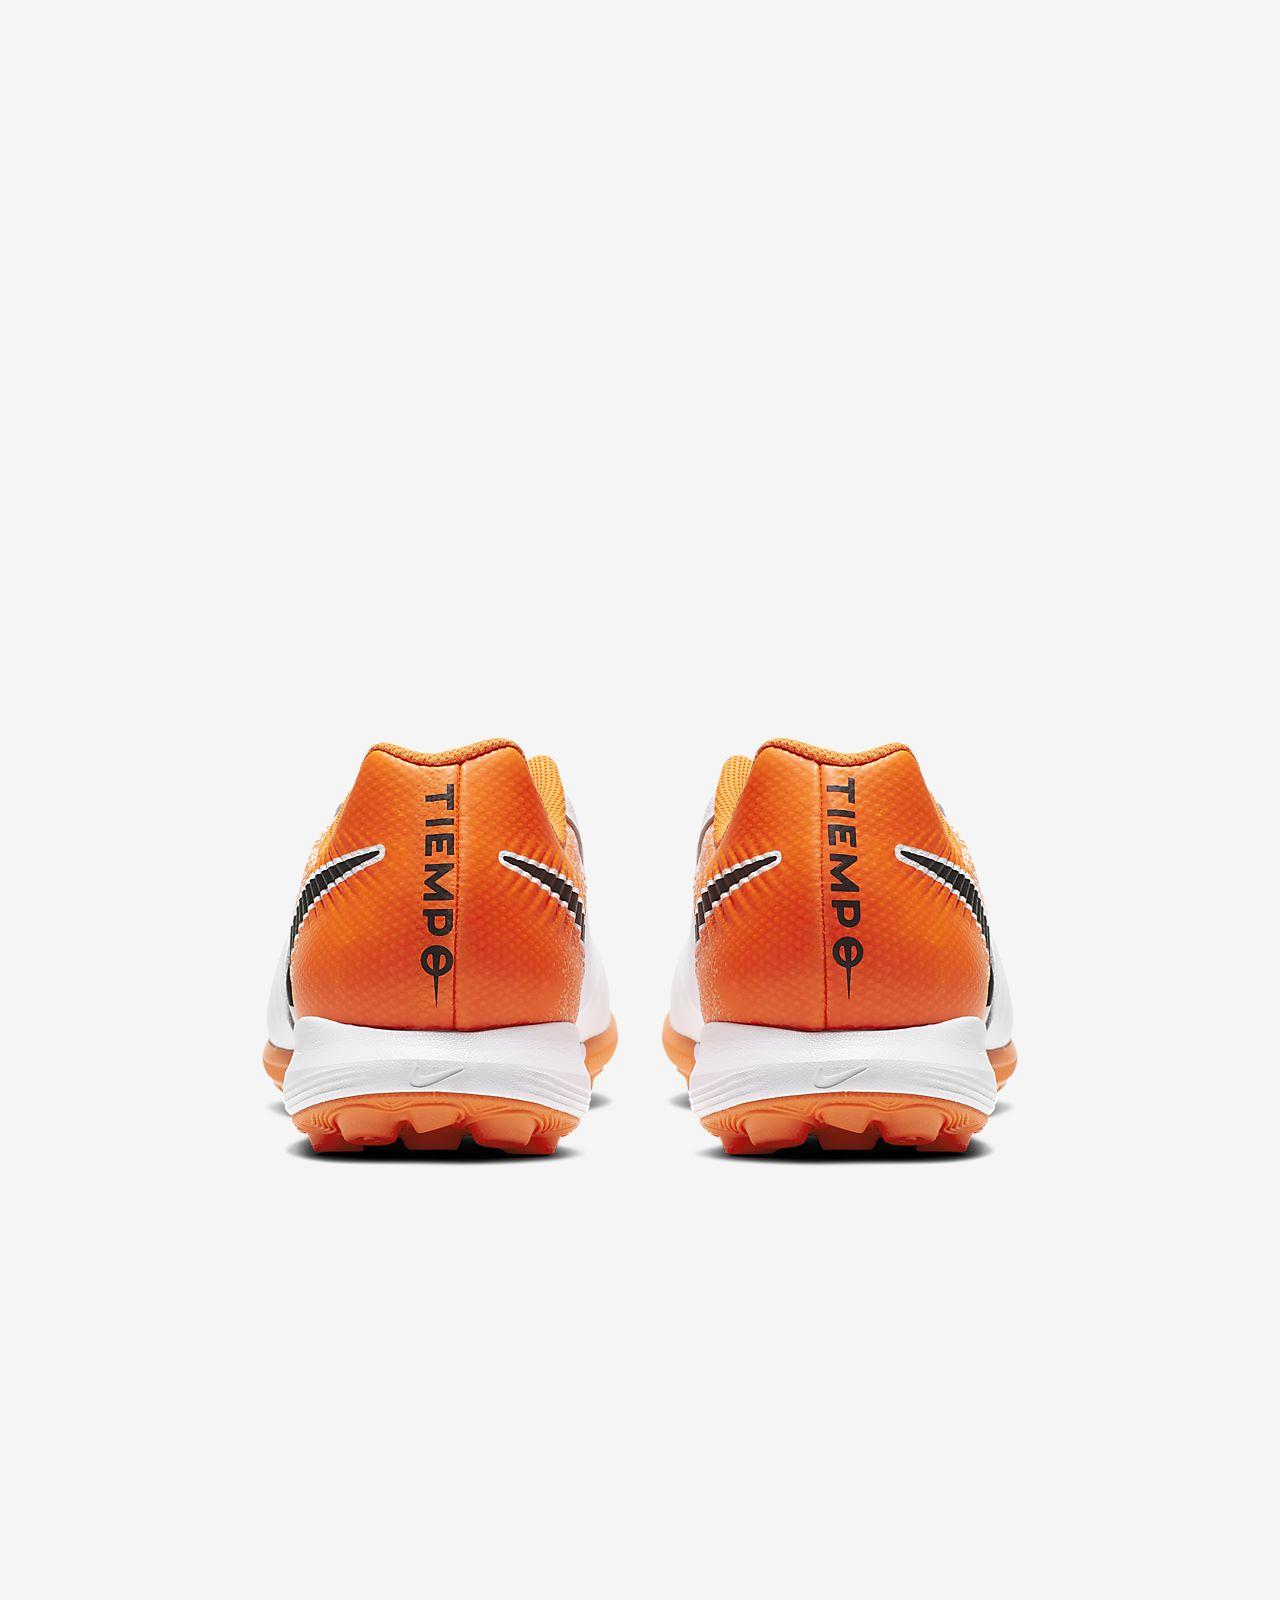 7a35976d5 Nike TiempoX Lunar Legend VII Pro Turf Football Boot. Nike.com ID